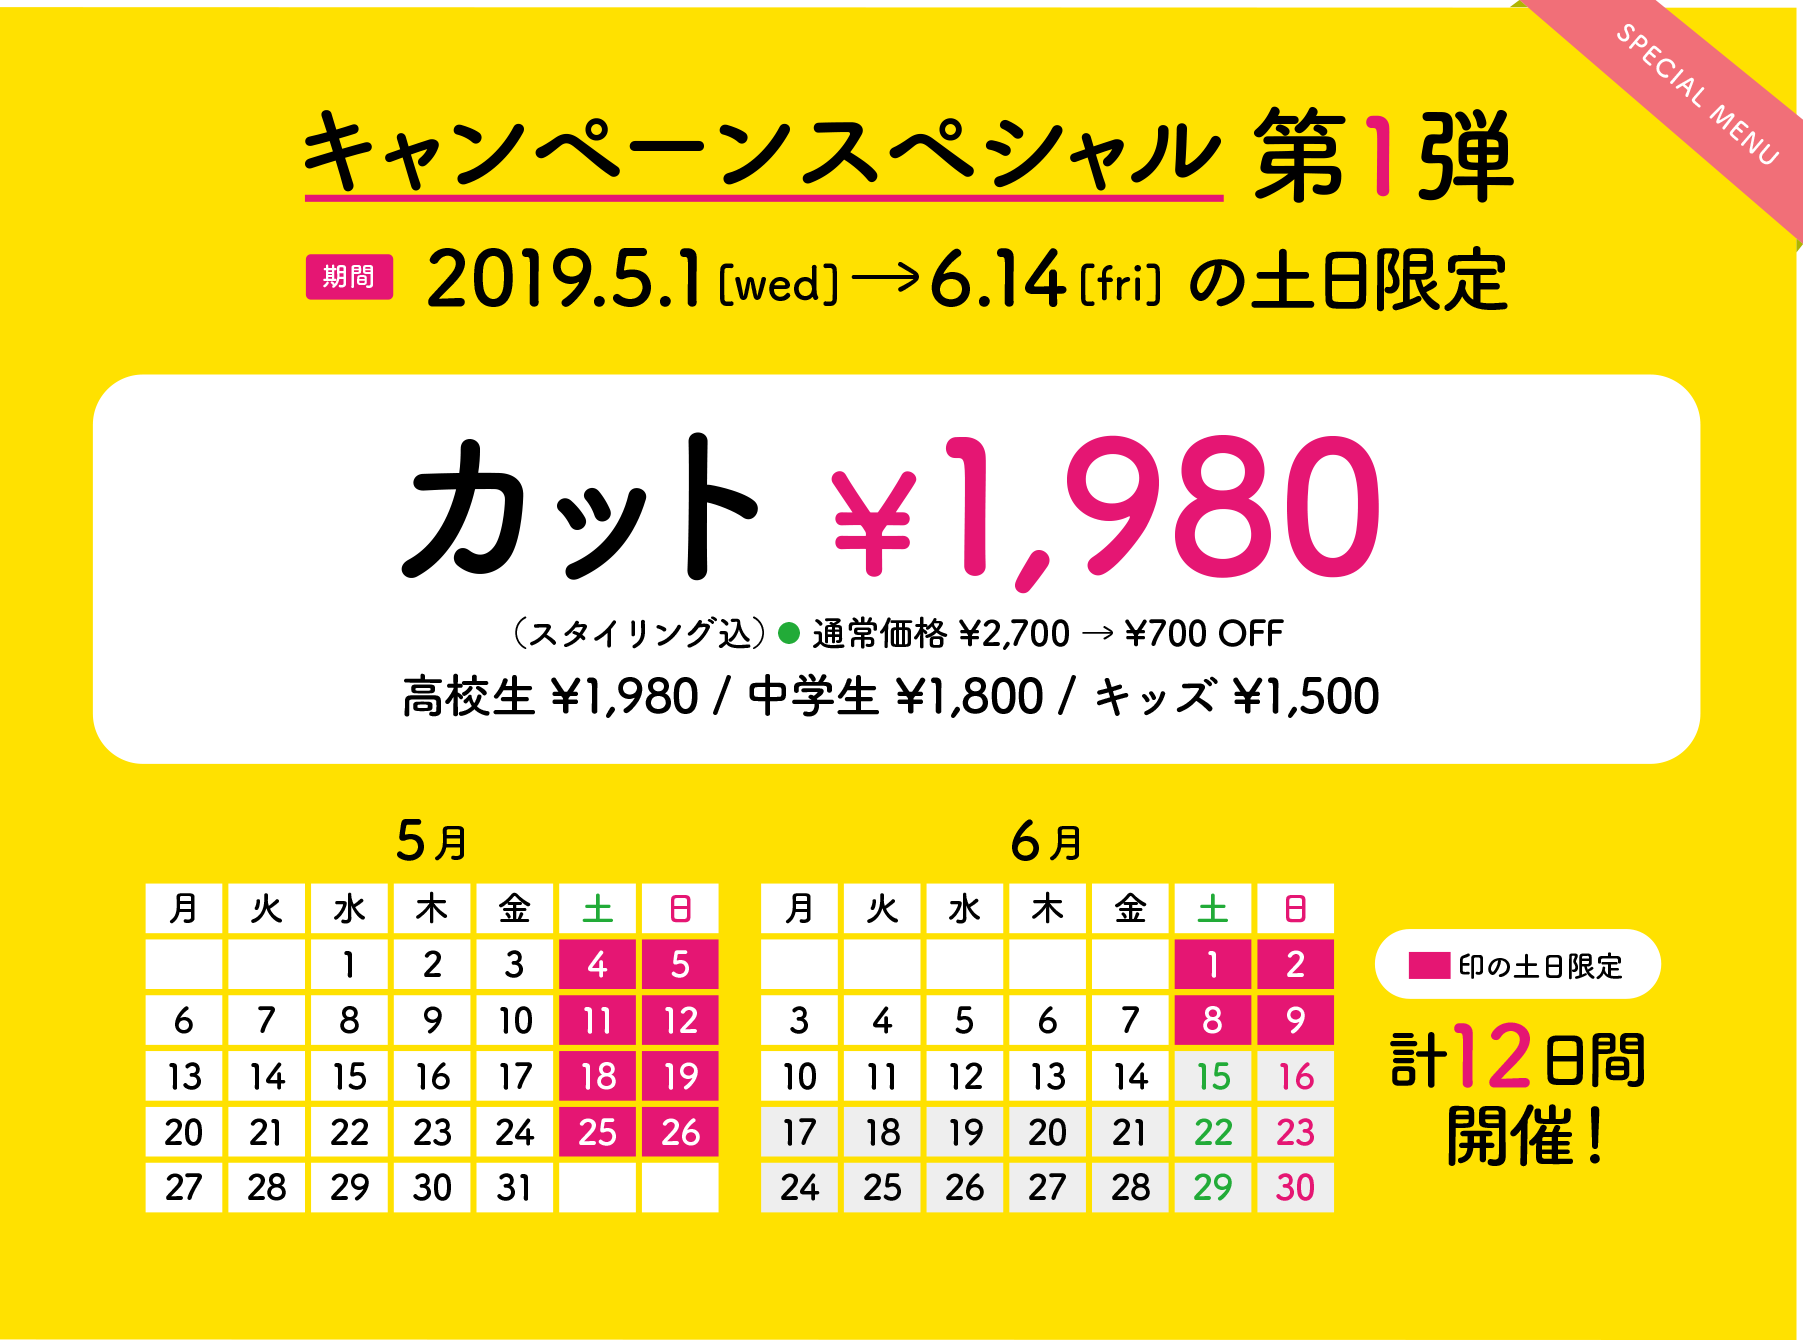 キャンペーンスペシャル第1弾 カット1,980円 期間限定